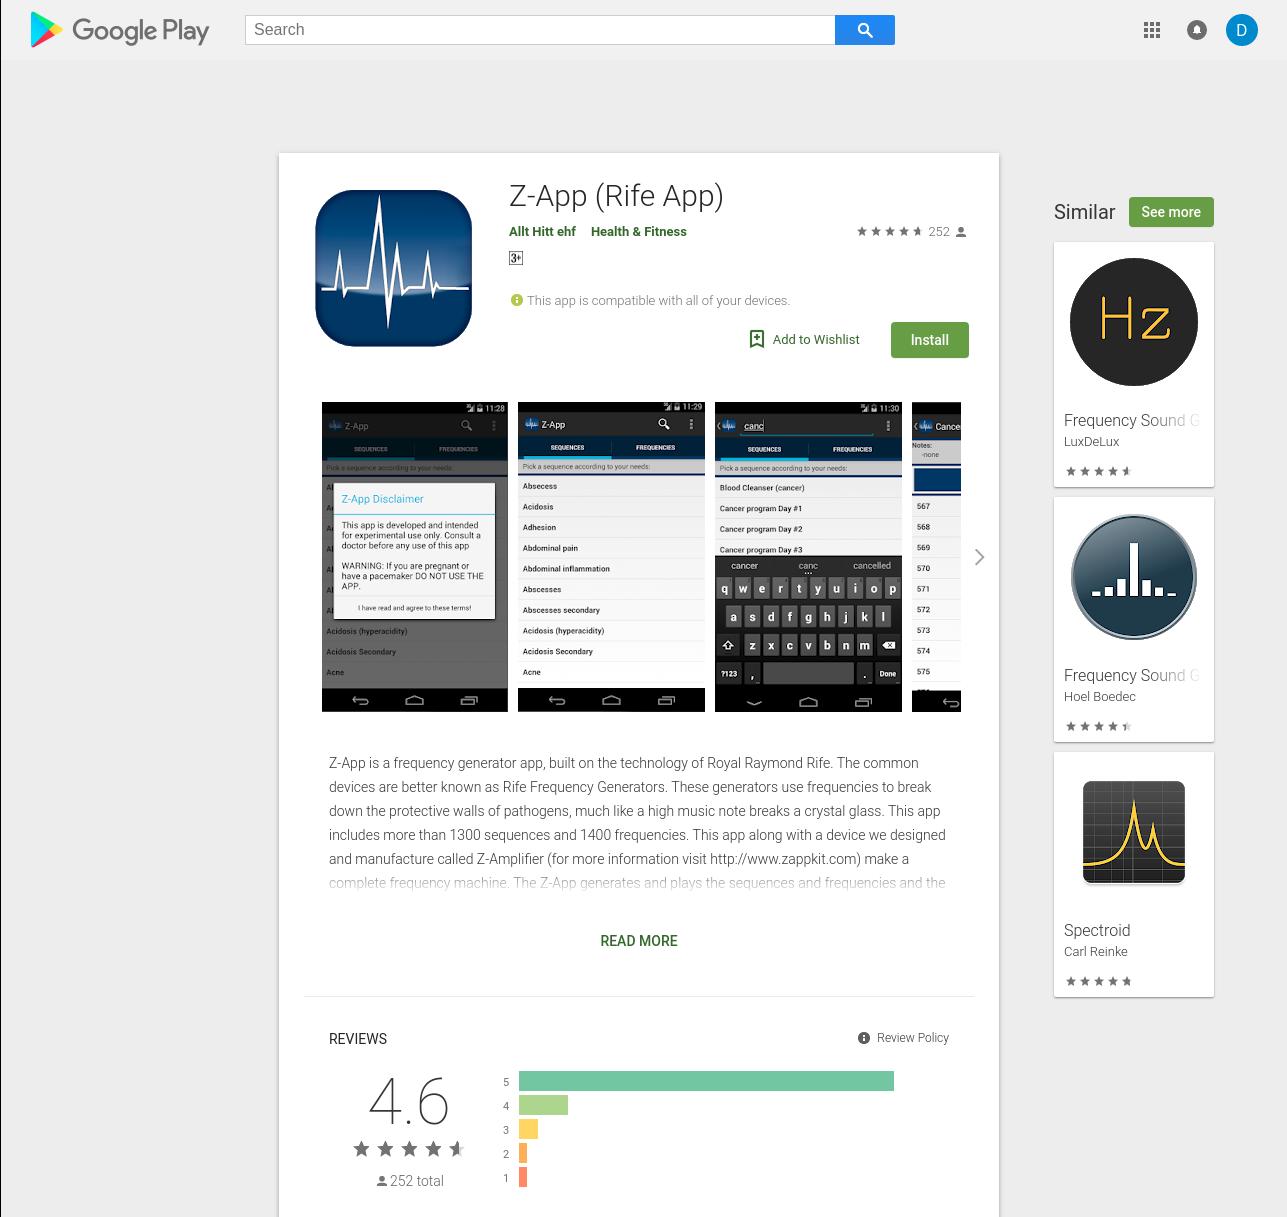 Z-App (Rife App)